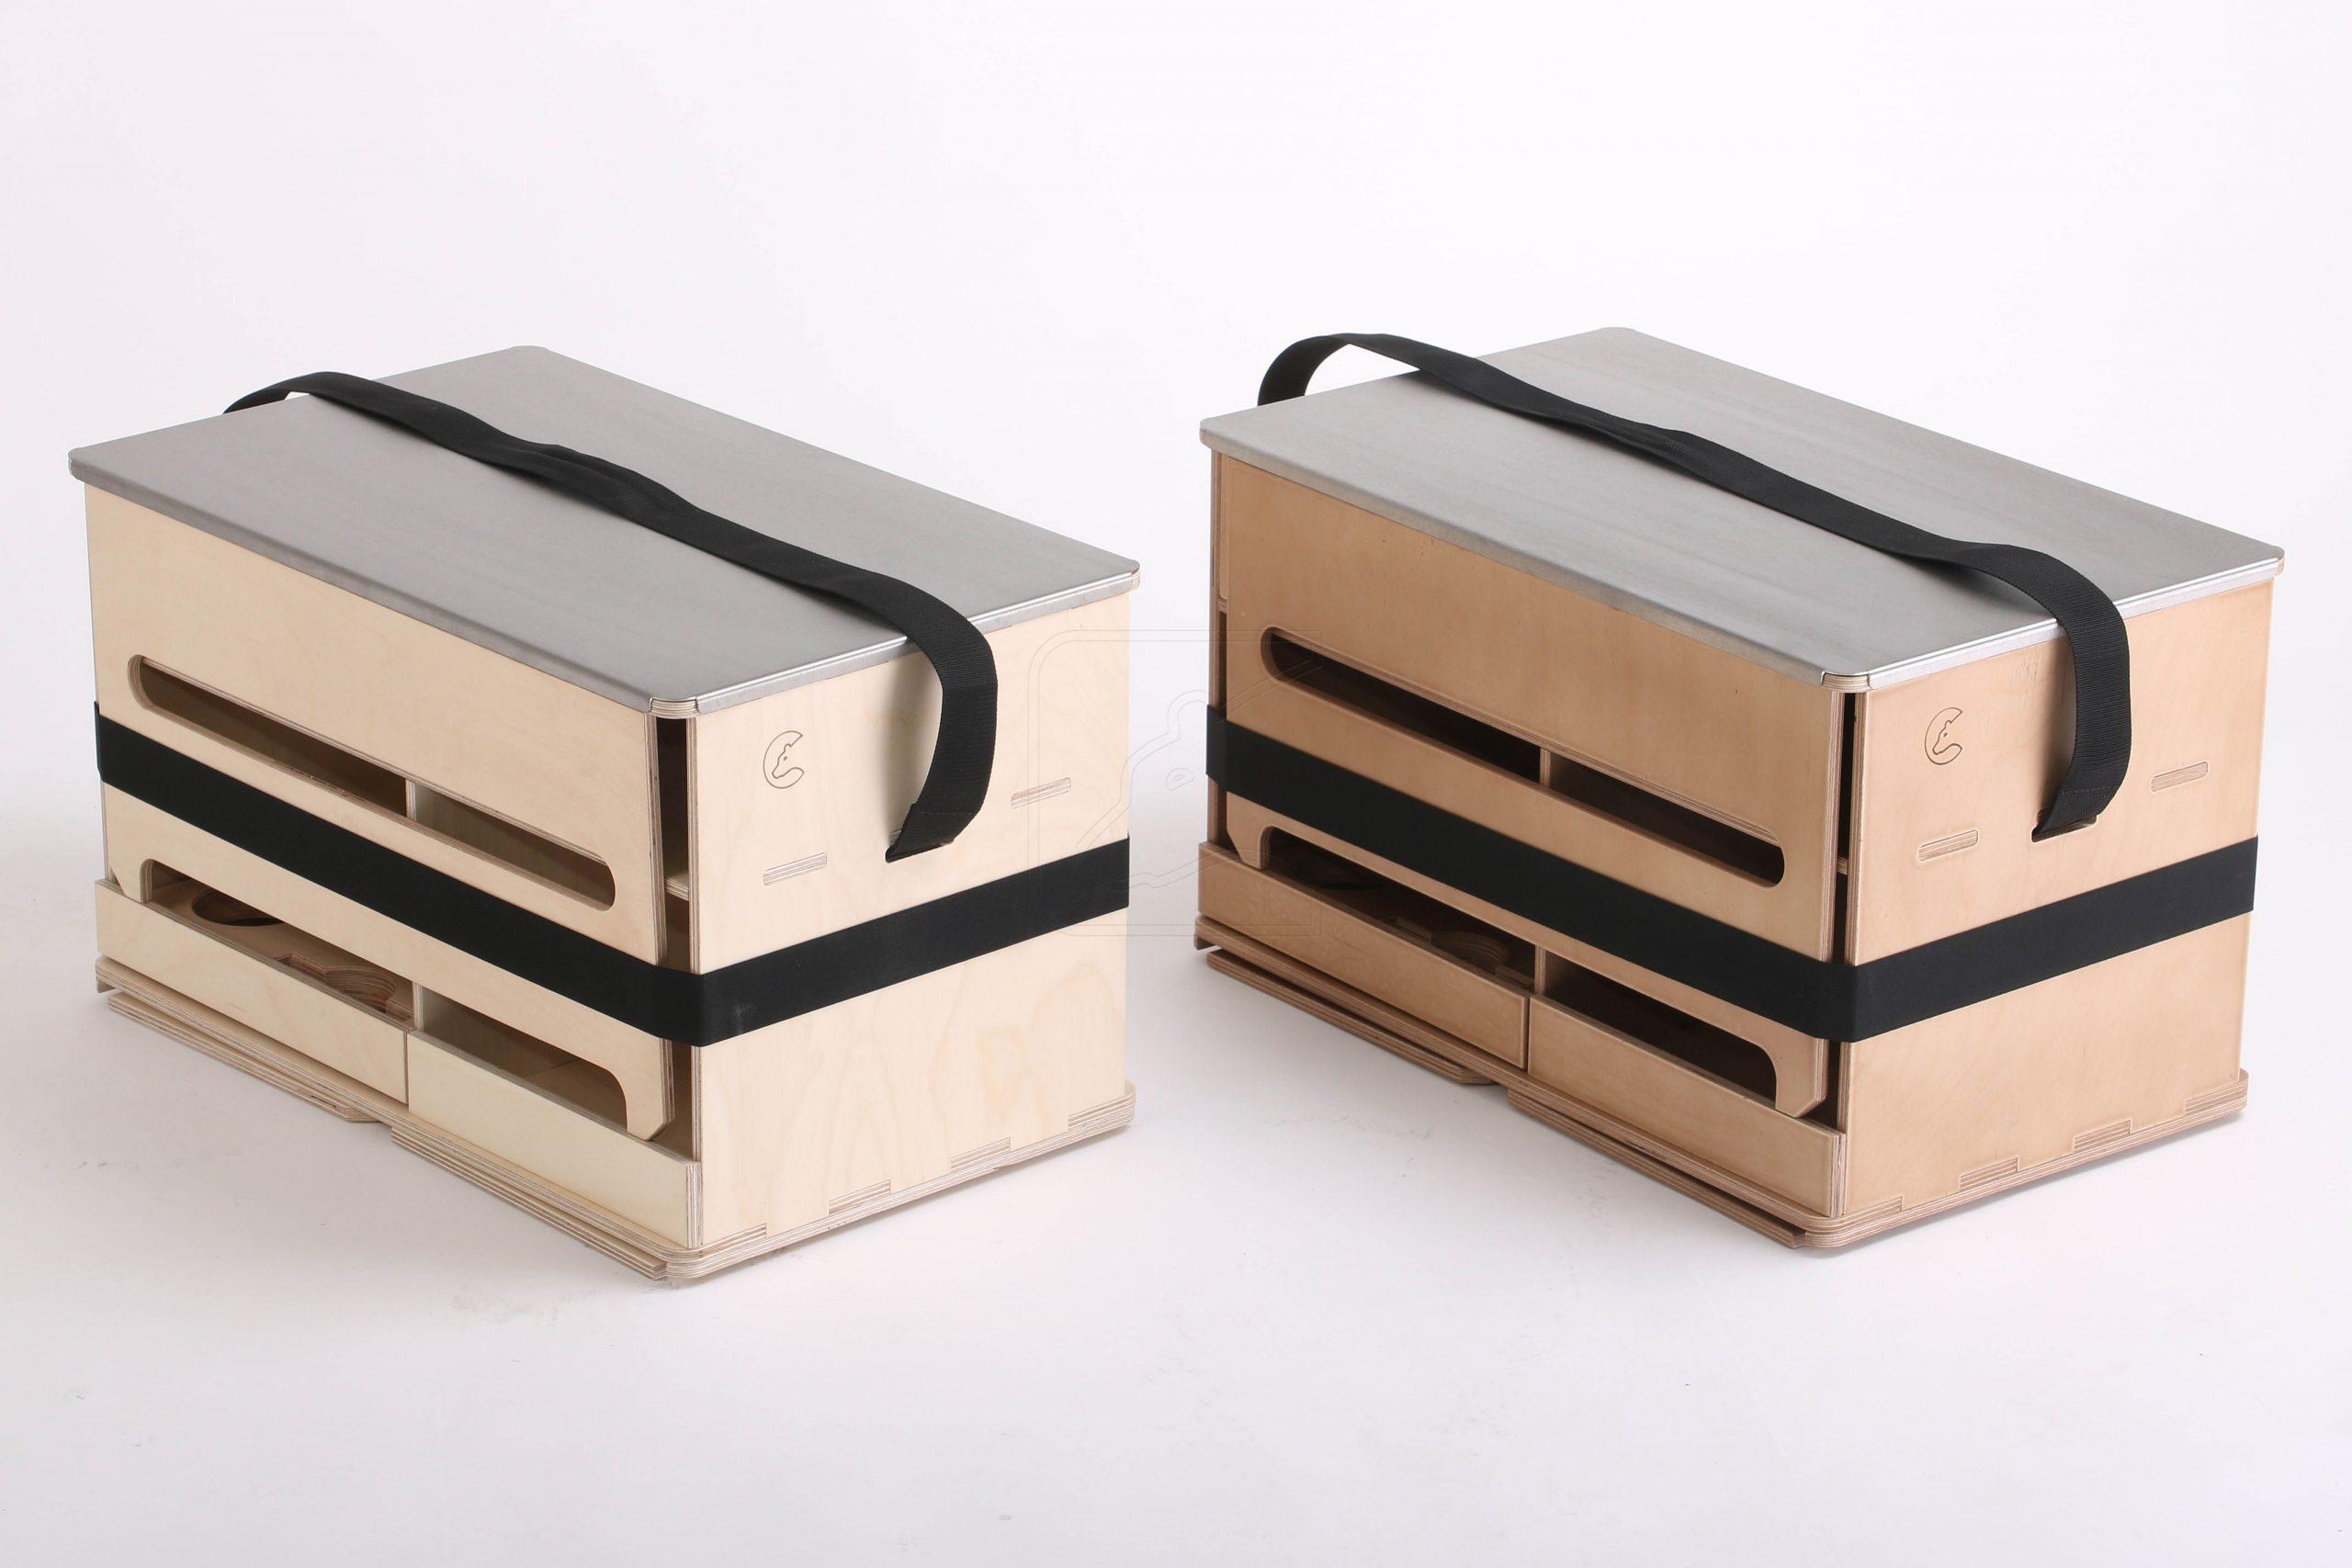 Full Size of Mobile Outdoorkche In Verschiedenen Ausfhrungen Ohne Einbauküche Kühlschrank Günstige Küche Mit E Geräten Kleiner Tisch Wasserhahn Für Eiche Hell Wohnzimmer Mobile Outdoor Küche